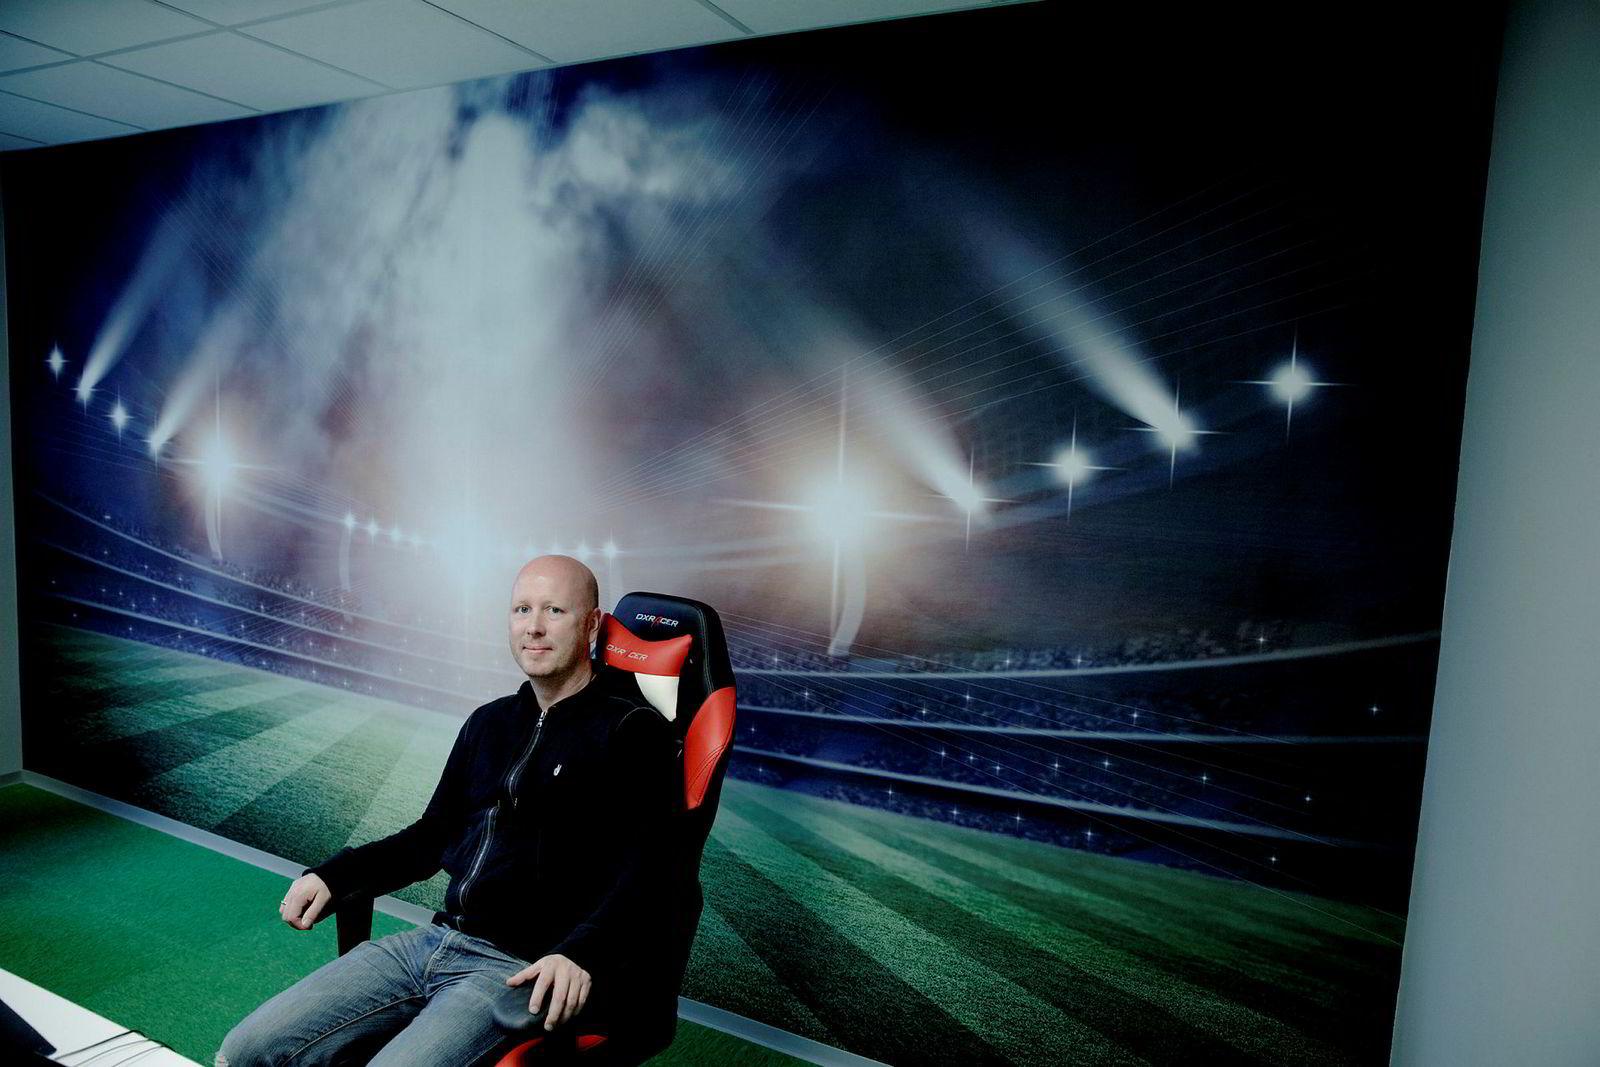 Christer Nordvik og broren startet selskapet NorApps sammen og har nå fem millioner brukere av sin app for fotballinformasjon. Her fra selskapets lokaler på Kokstad utenfor Bergen sentrum.